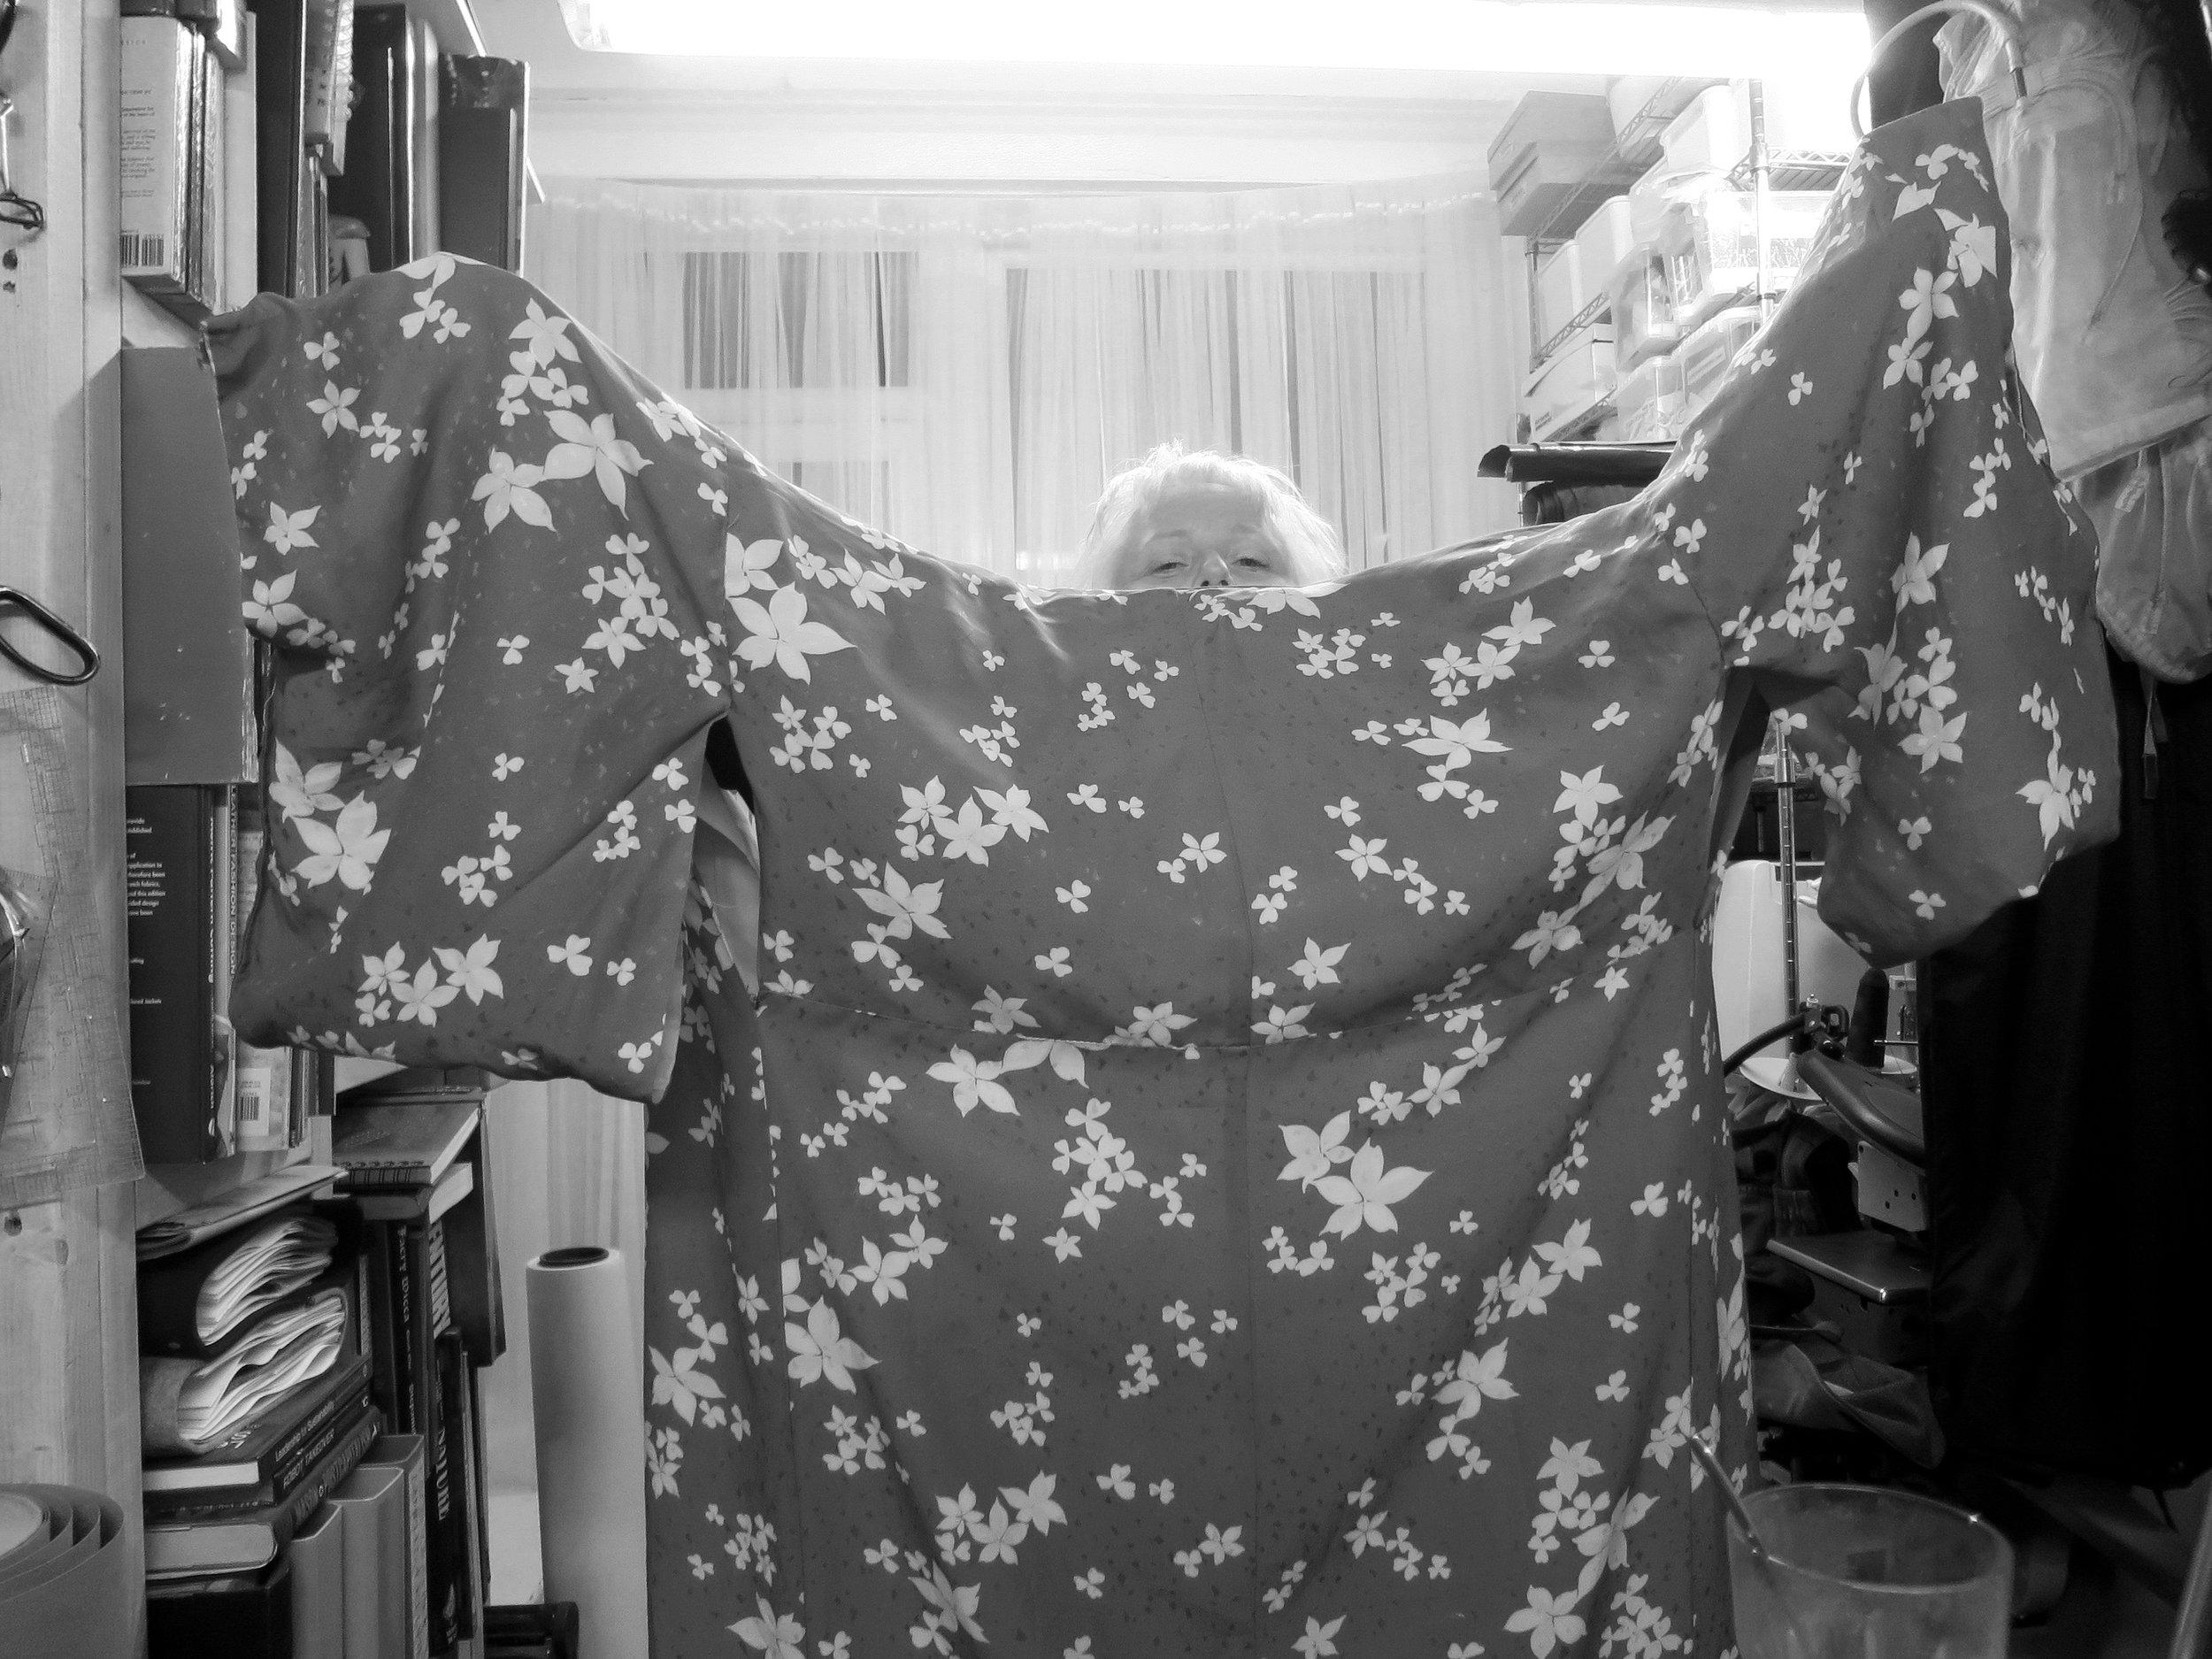 Aste fixes her kimono